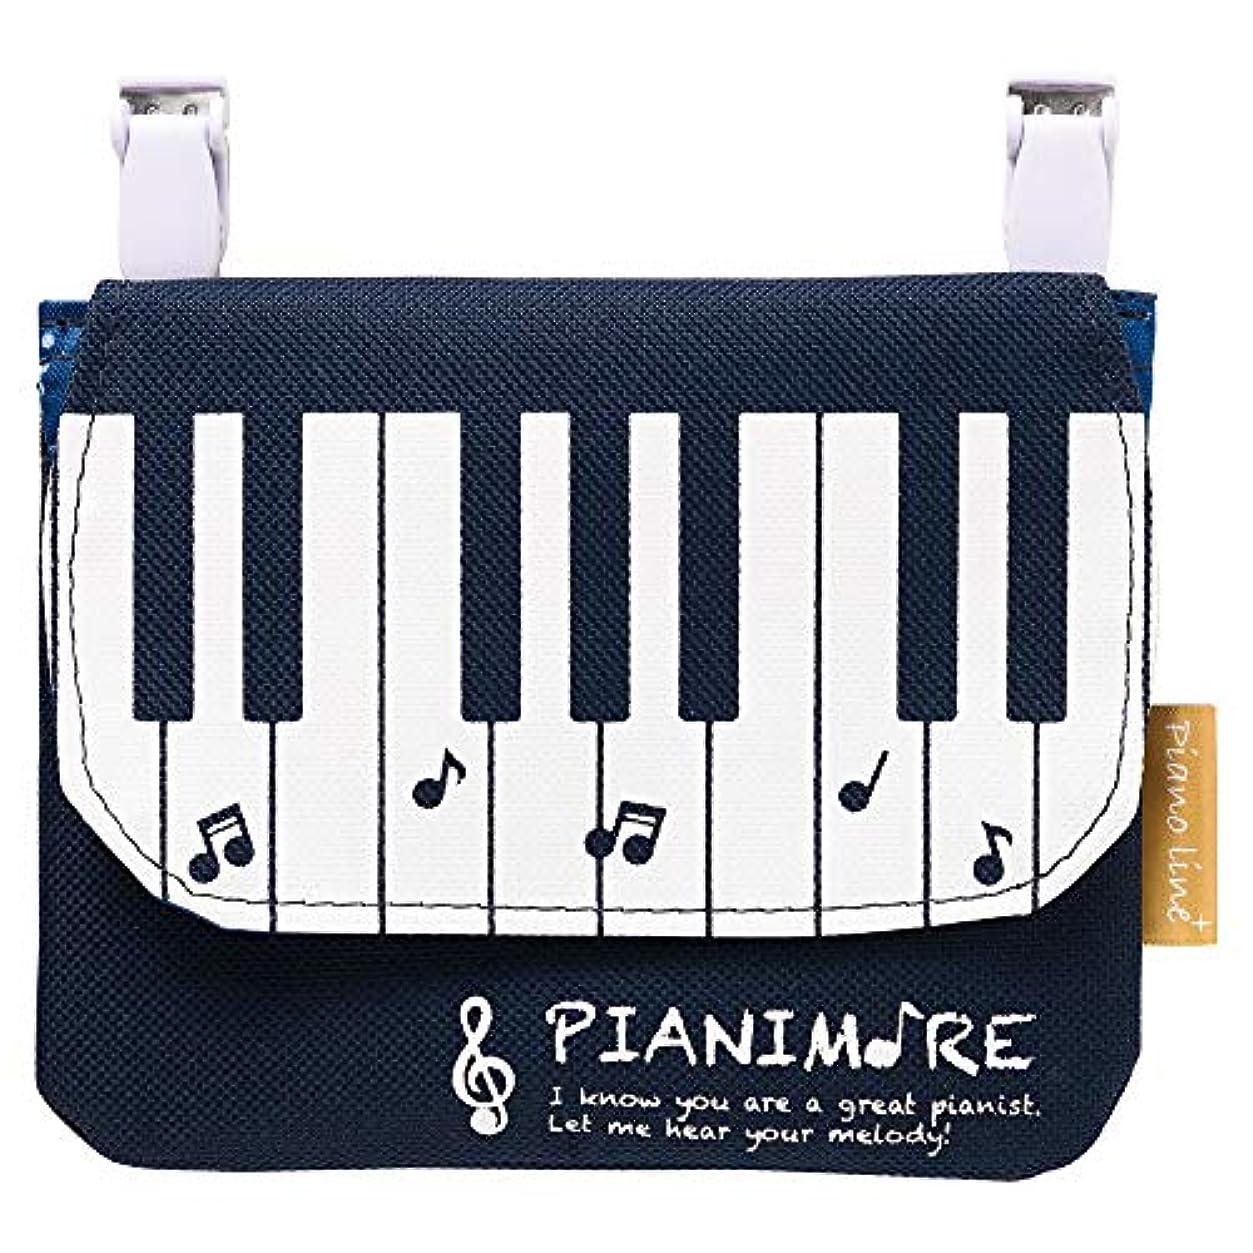 乱雑なバンク受付Pianimore ポケットポーチ 鍵盤柄 移動ポケット ティッシュ入れ付き 女の子用